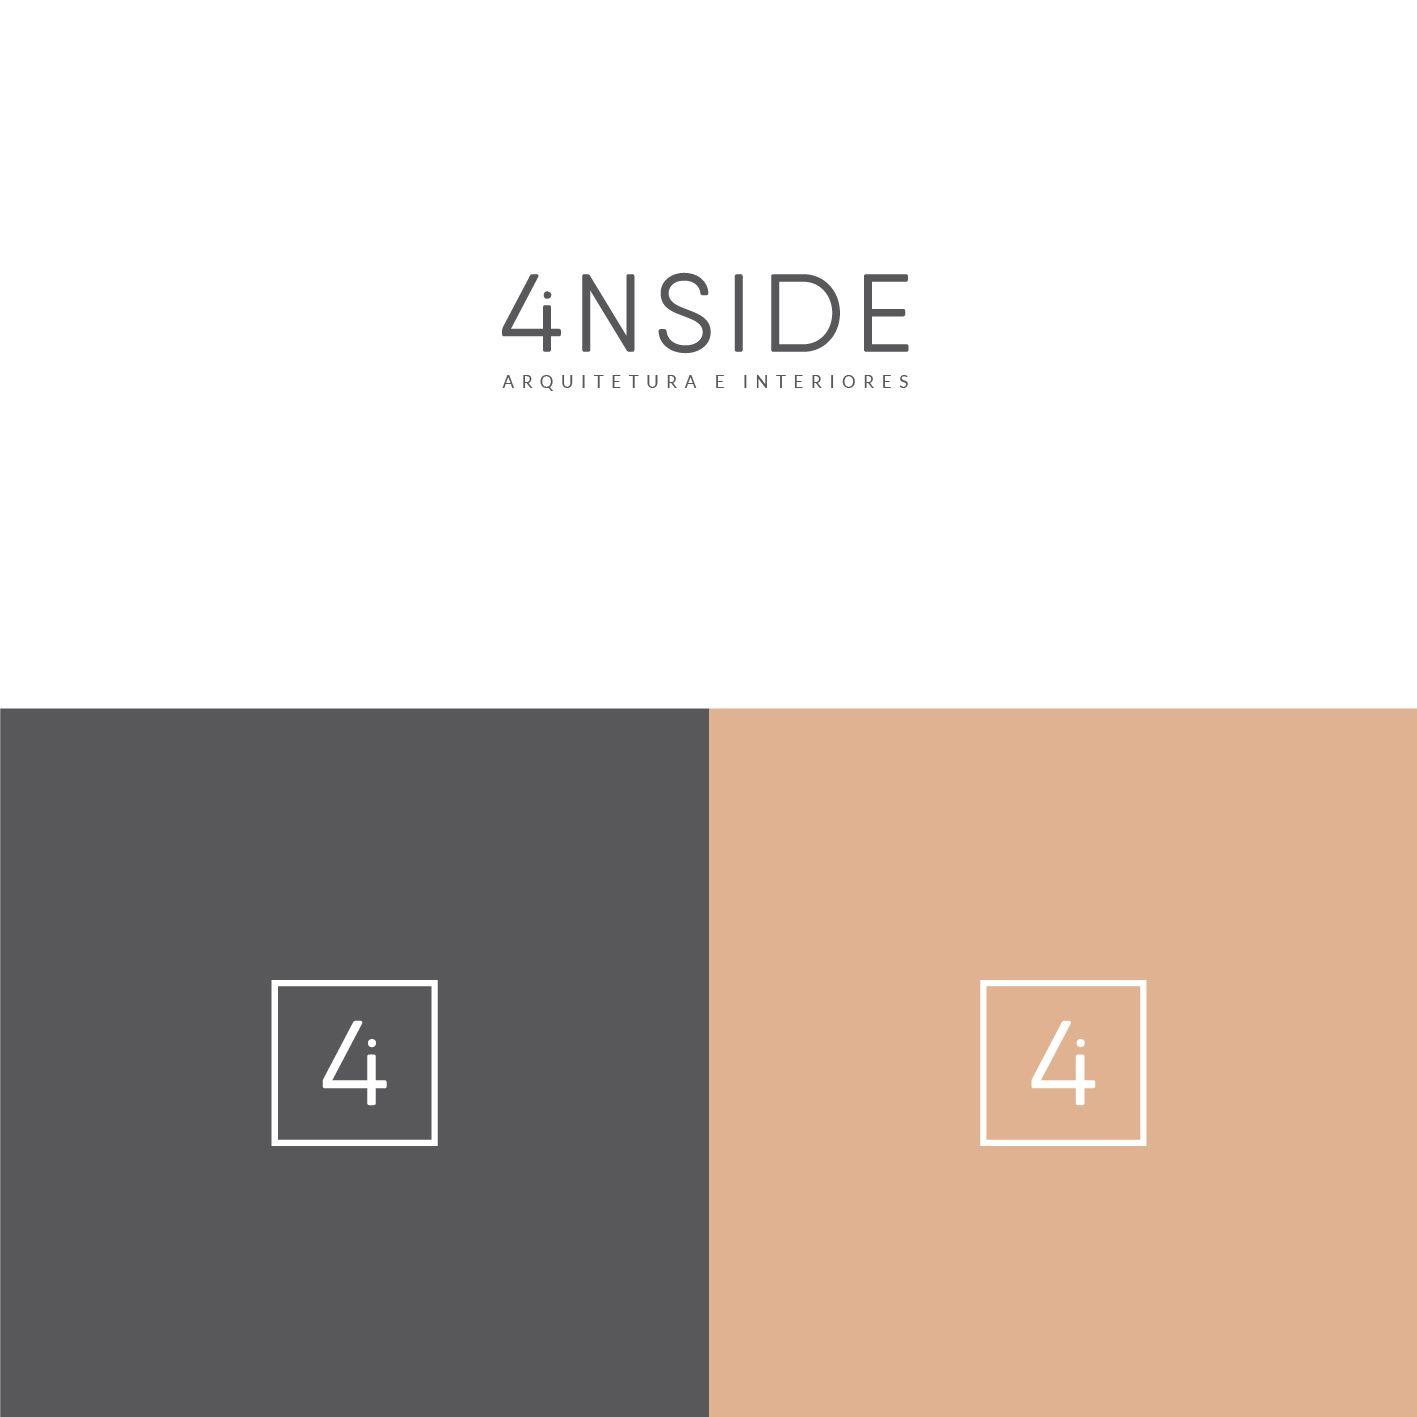 4inside Design De Interiores E Arquitetura Logo E Identidade